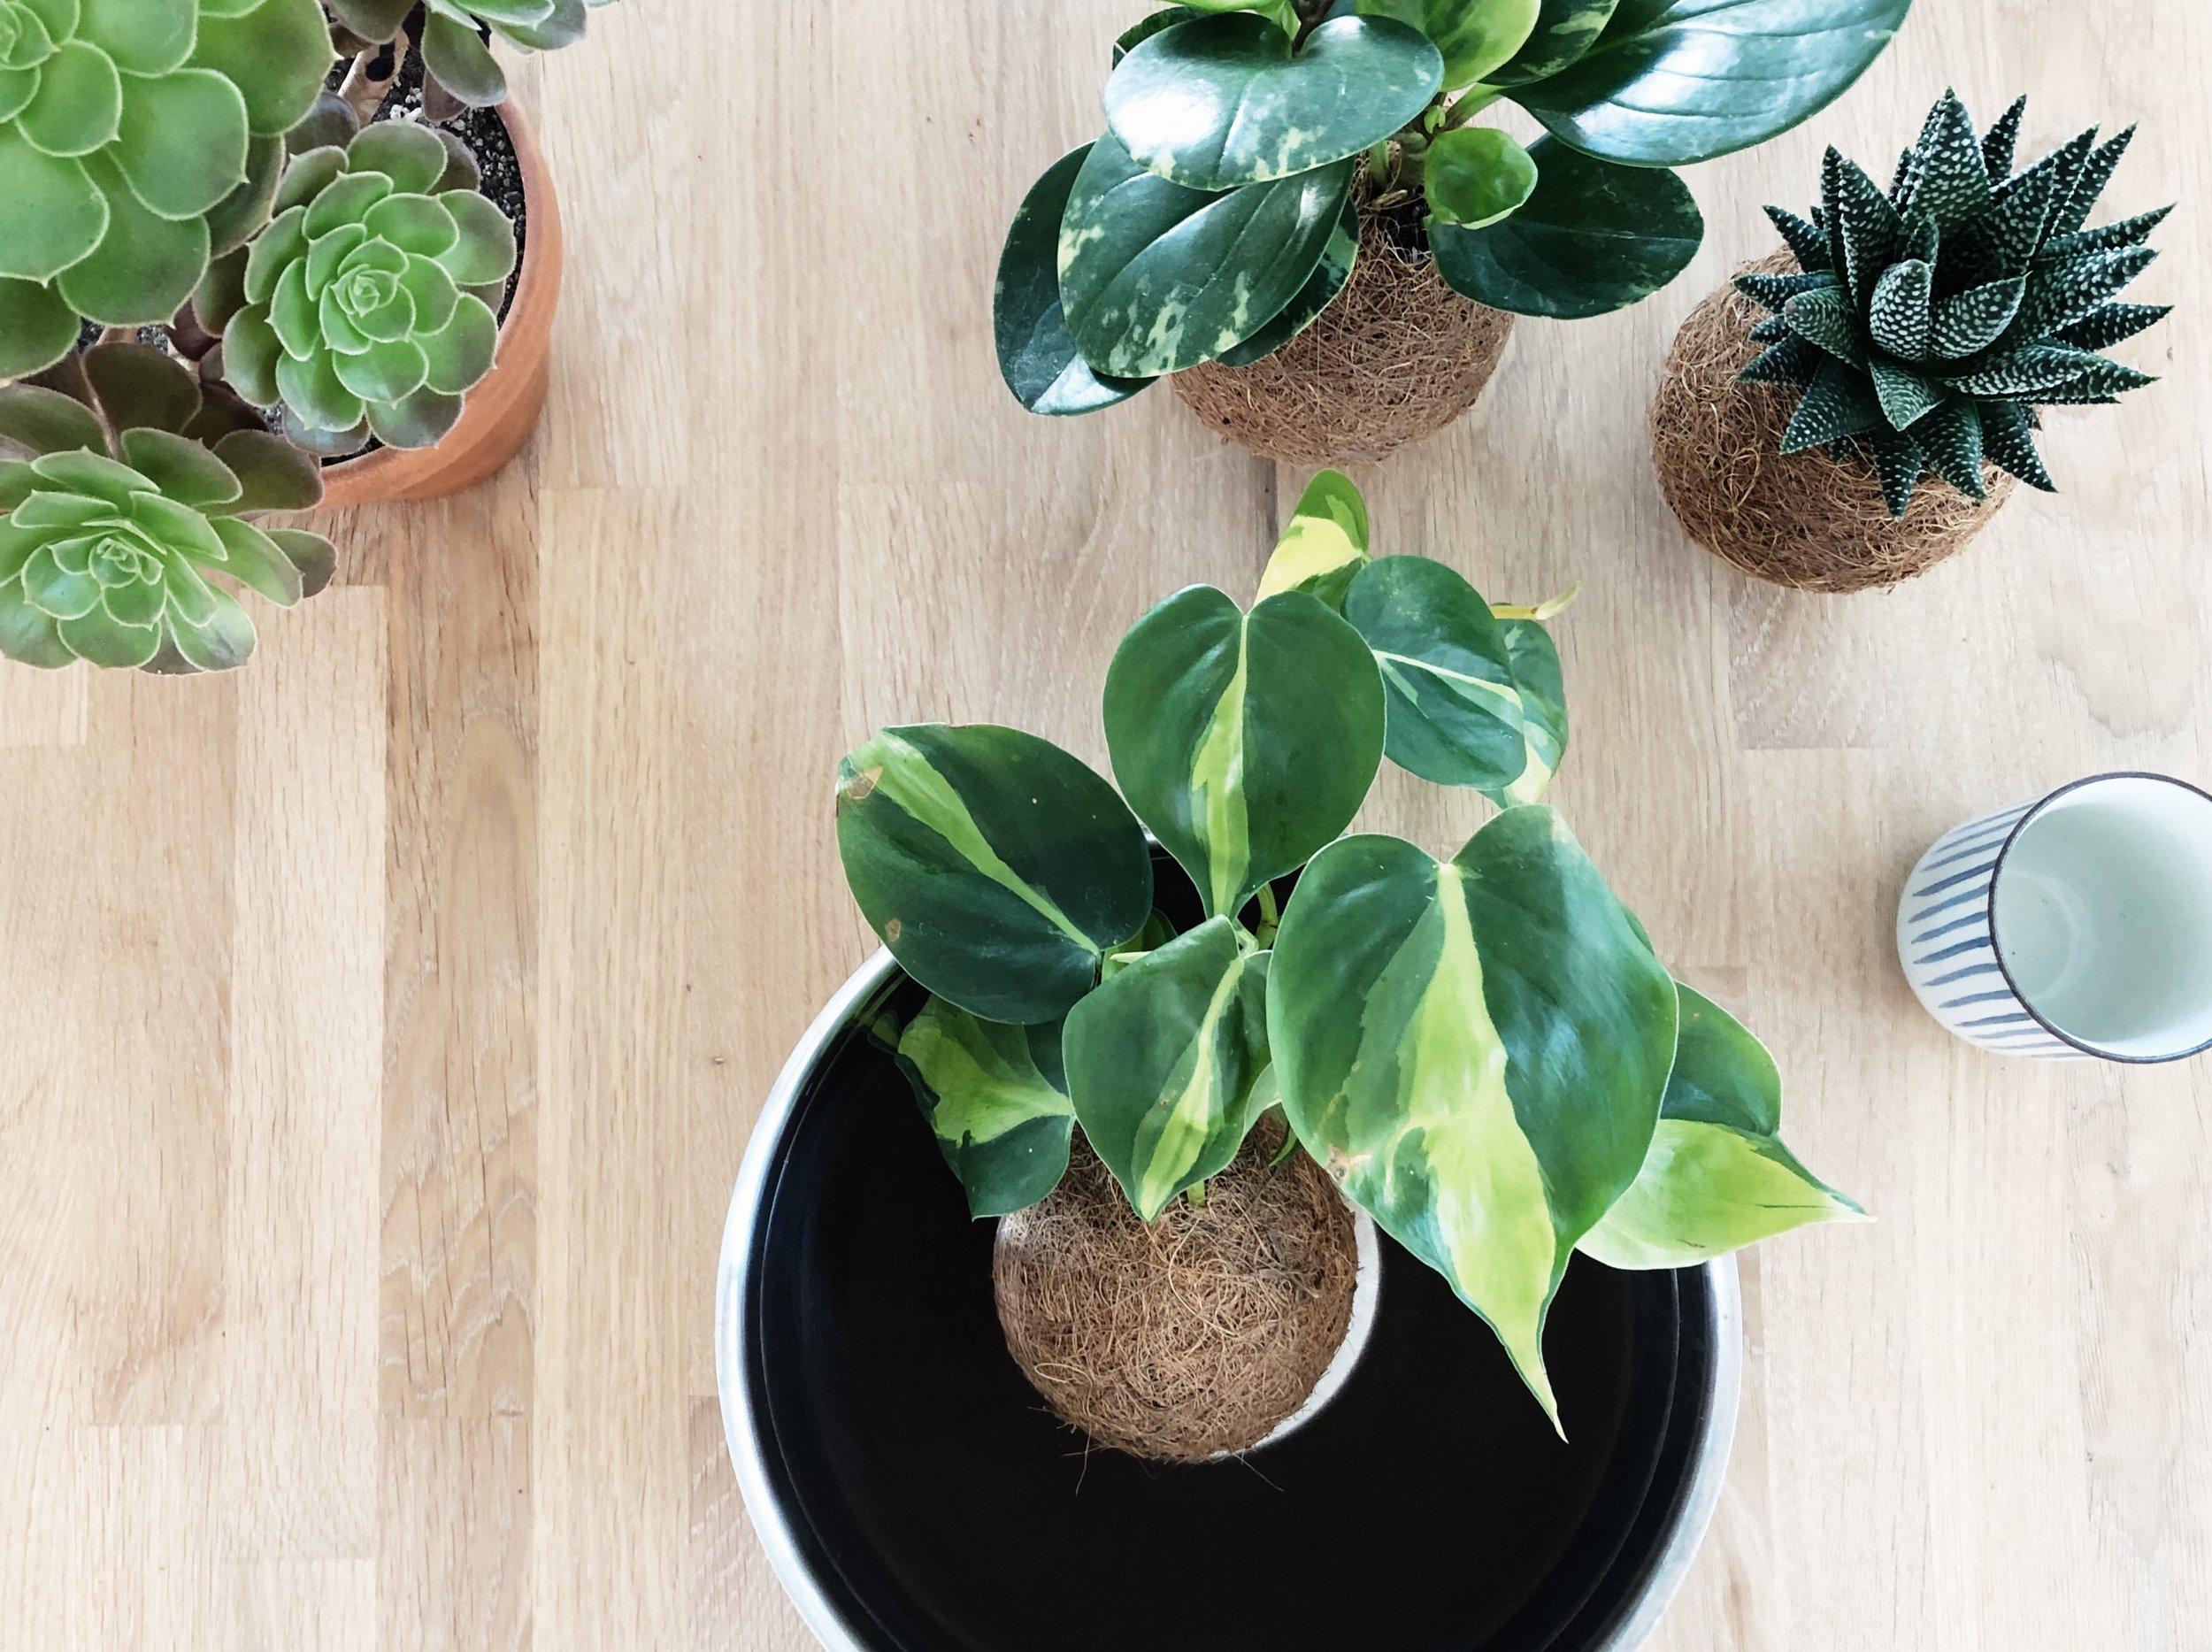 Schritt 1 - Lege Deinen Pflanzenbommel in eine ausreichend große Schale.